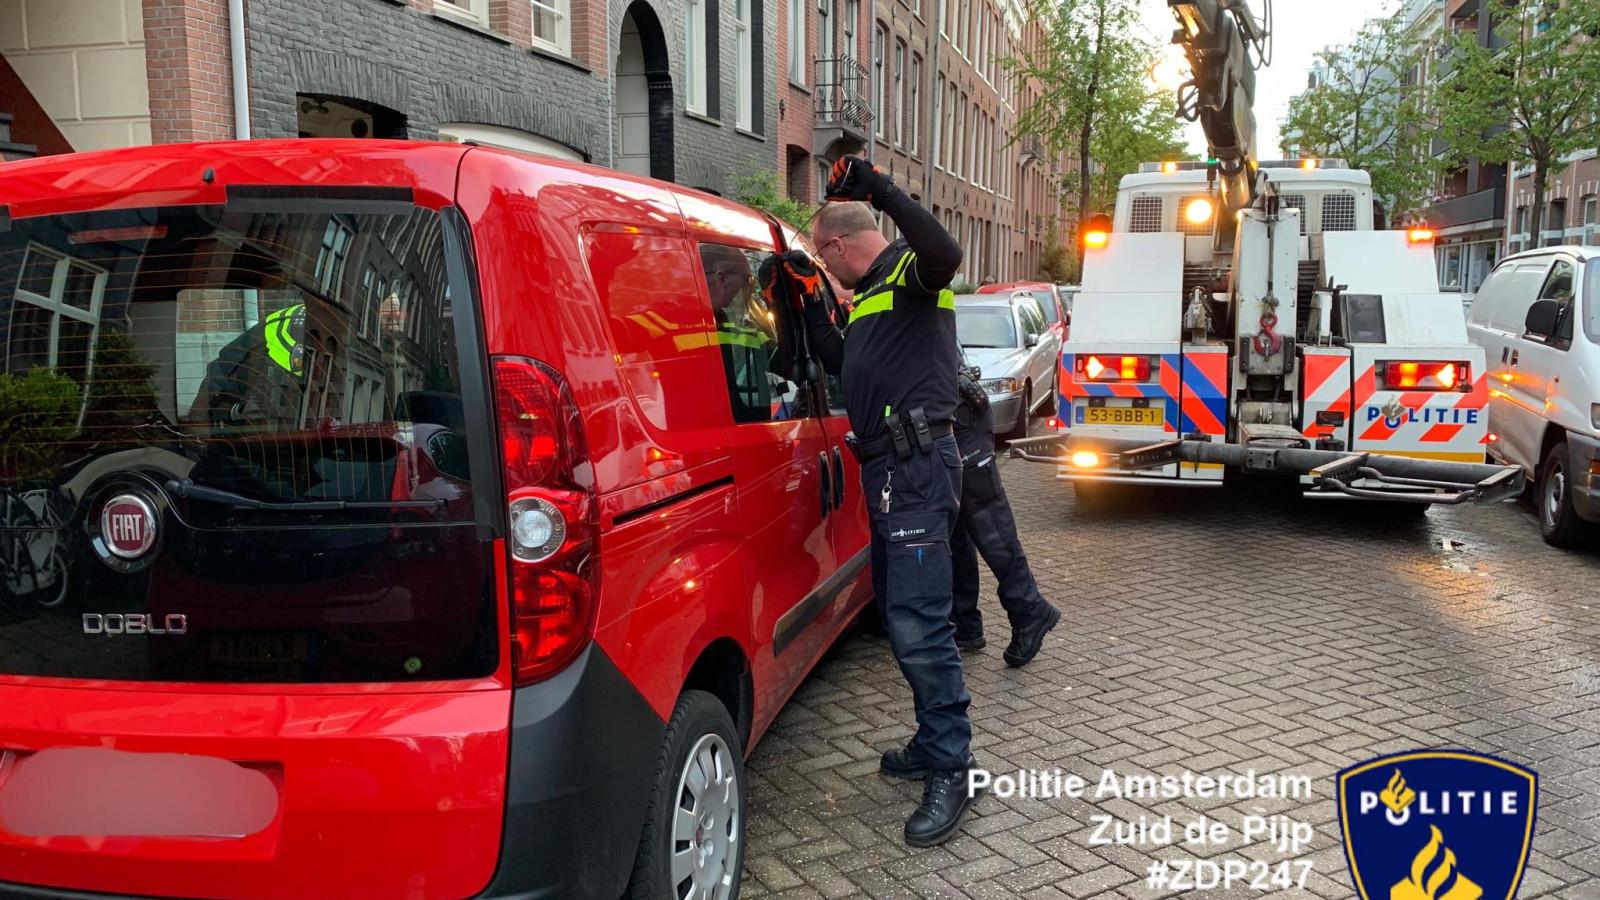 Facebook: Politie Amsterdam Zuid de Pijp